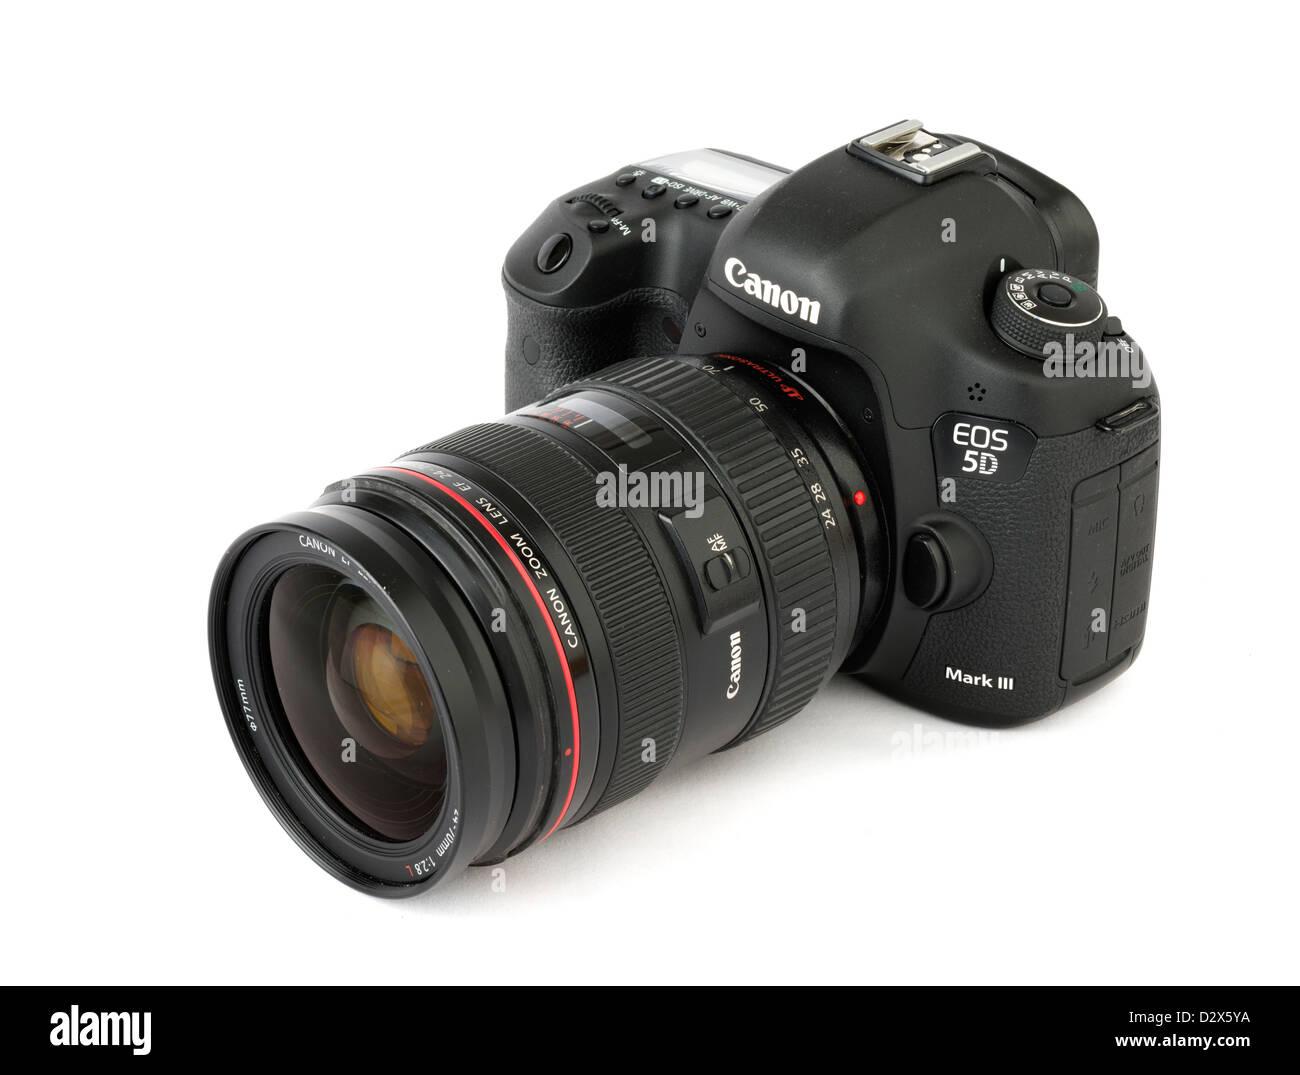 Una Canon EOS 5D Mark III fotocamera reflex digitale con Canon EF 24-70mm f/2.8L lente di zoom Immagini Stock